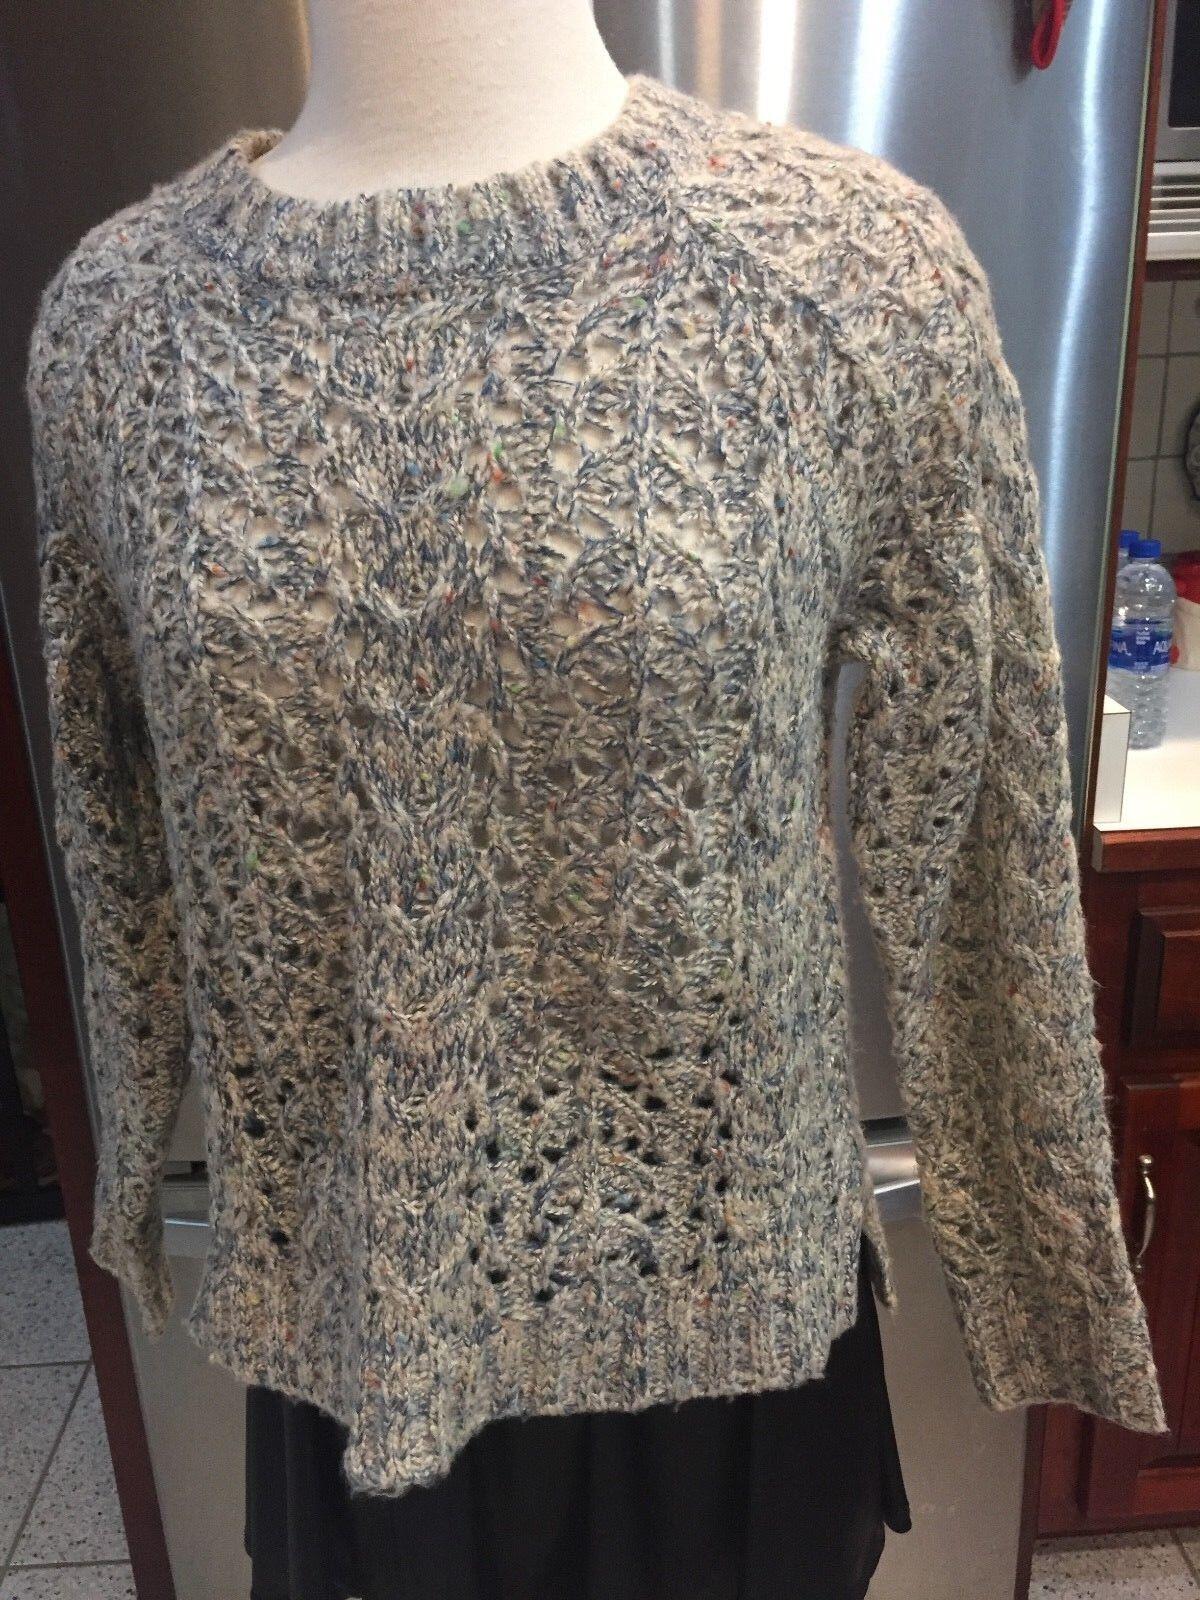 Zaria Women's Sweater SZ S Multi-color blueE BEIGE OPEN KNIT SLIT SIDES